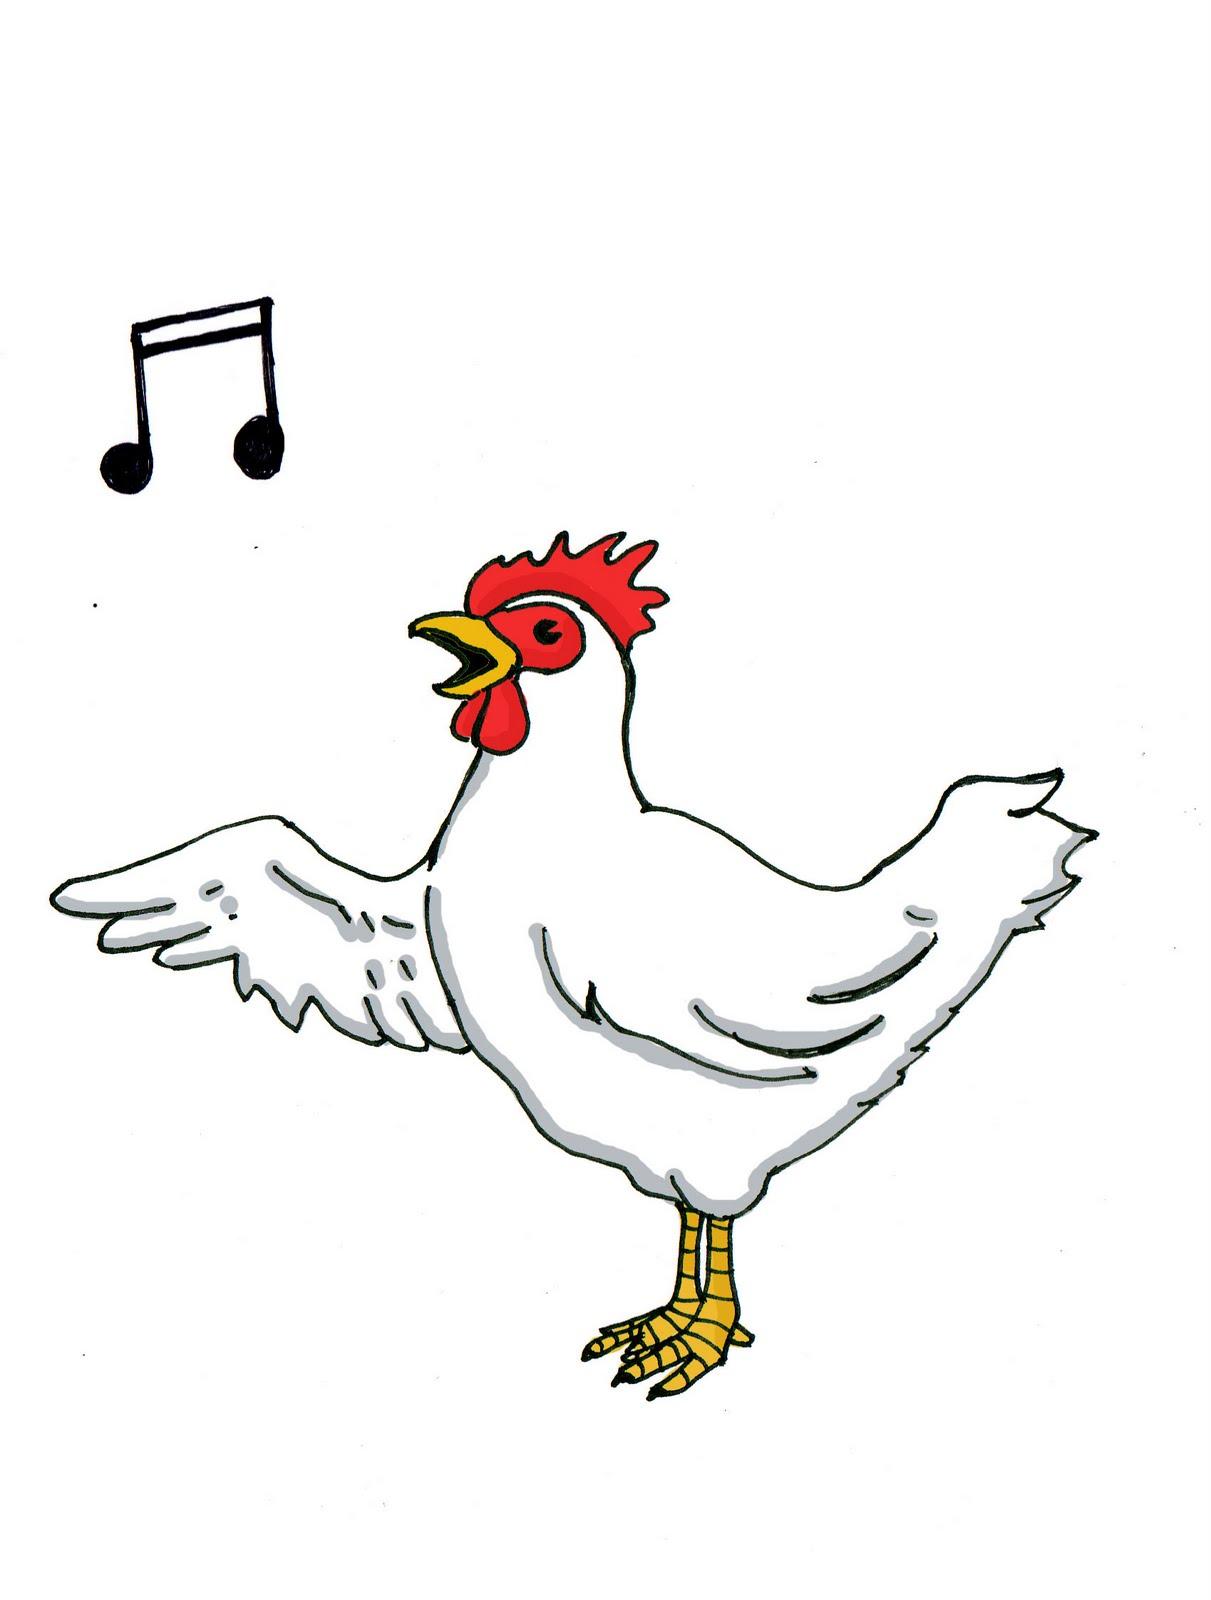 b suermondt  a singing chicken